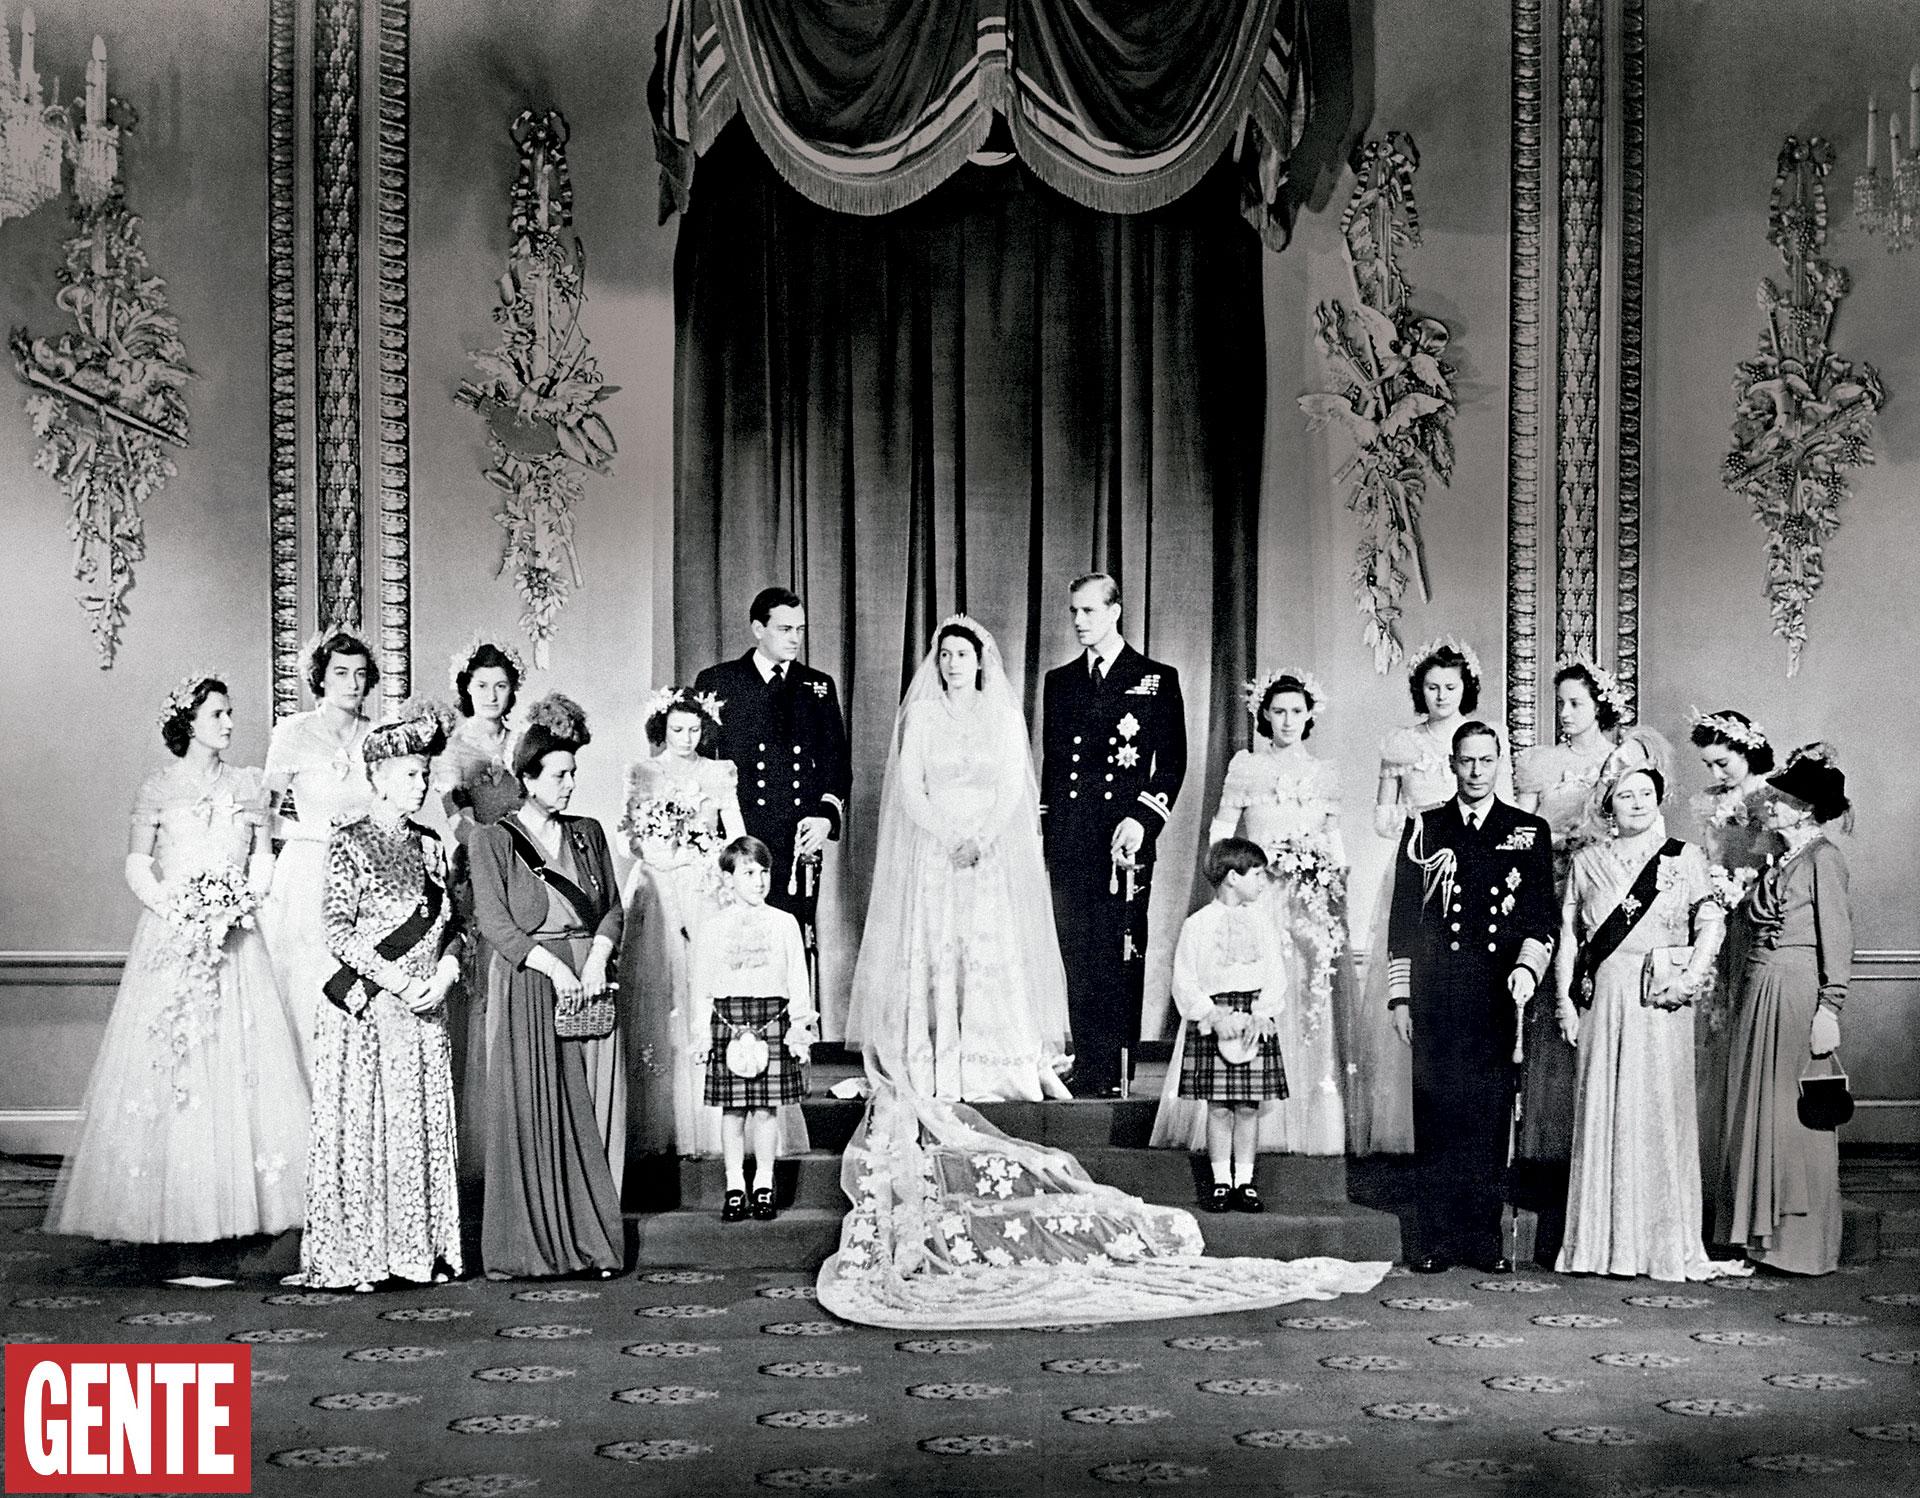 Los Windsor de postguerra. La foto oficial de la boda, el 20de noviembre de 1947. La entonces princesa Isabel –de 21 años– con Felipe de Edimburgo –de27– en el Throne Room del Palaciode Buckingham, rodeados por lafamilia real. FOTO AFP